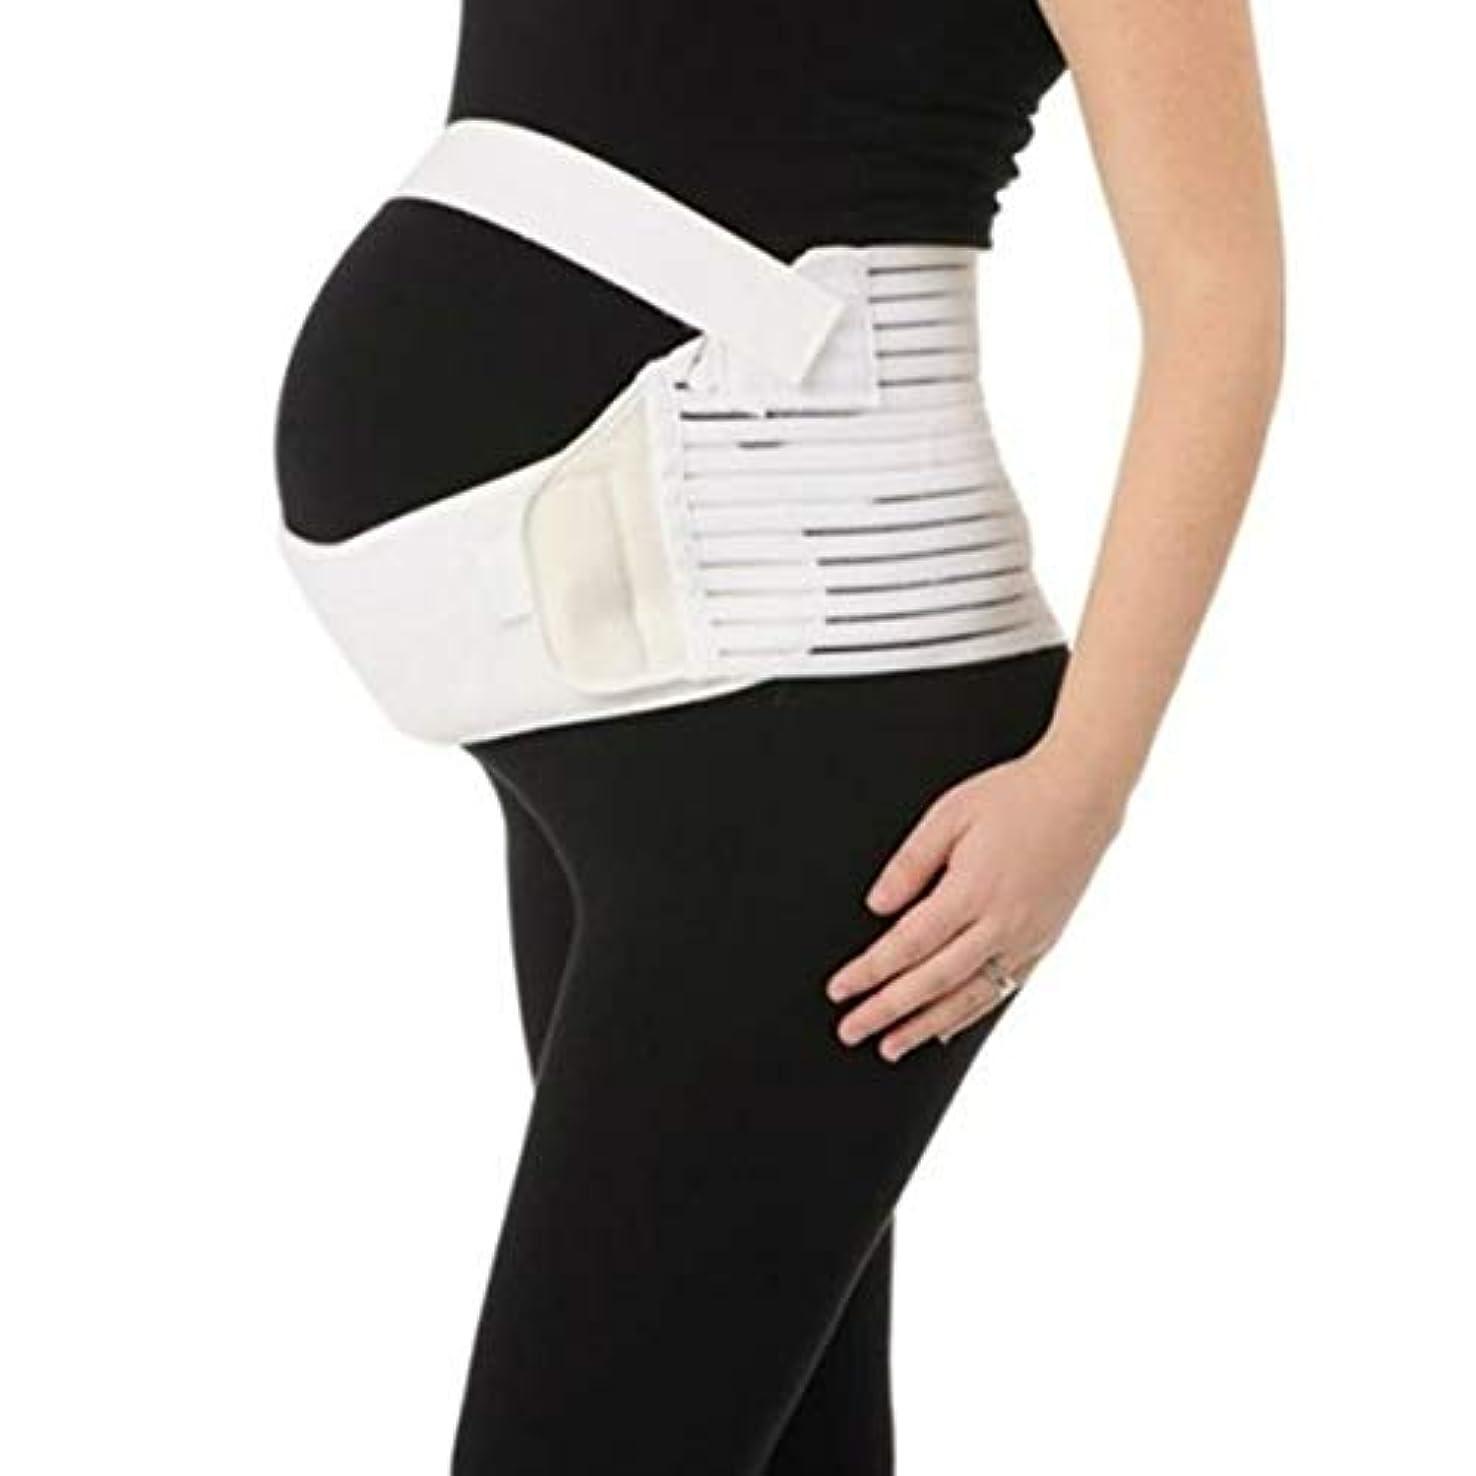 めったに推進力バリケード通気性産科ベルト妊娠腹部サポート腹部バインダーガードル運動包帯産後の回復形状ウェア - ホワイトM